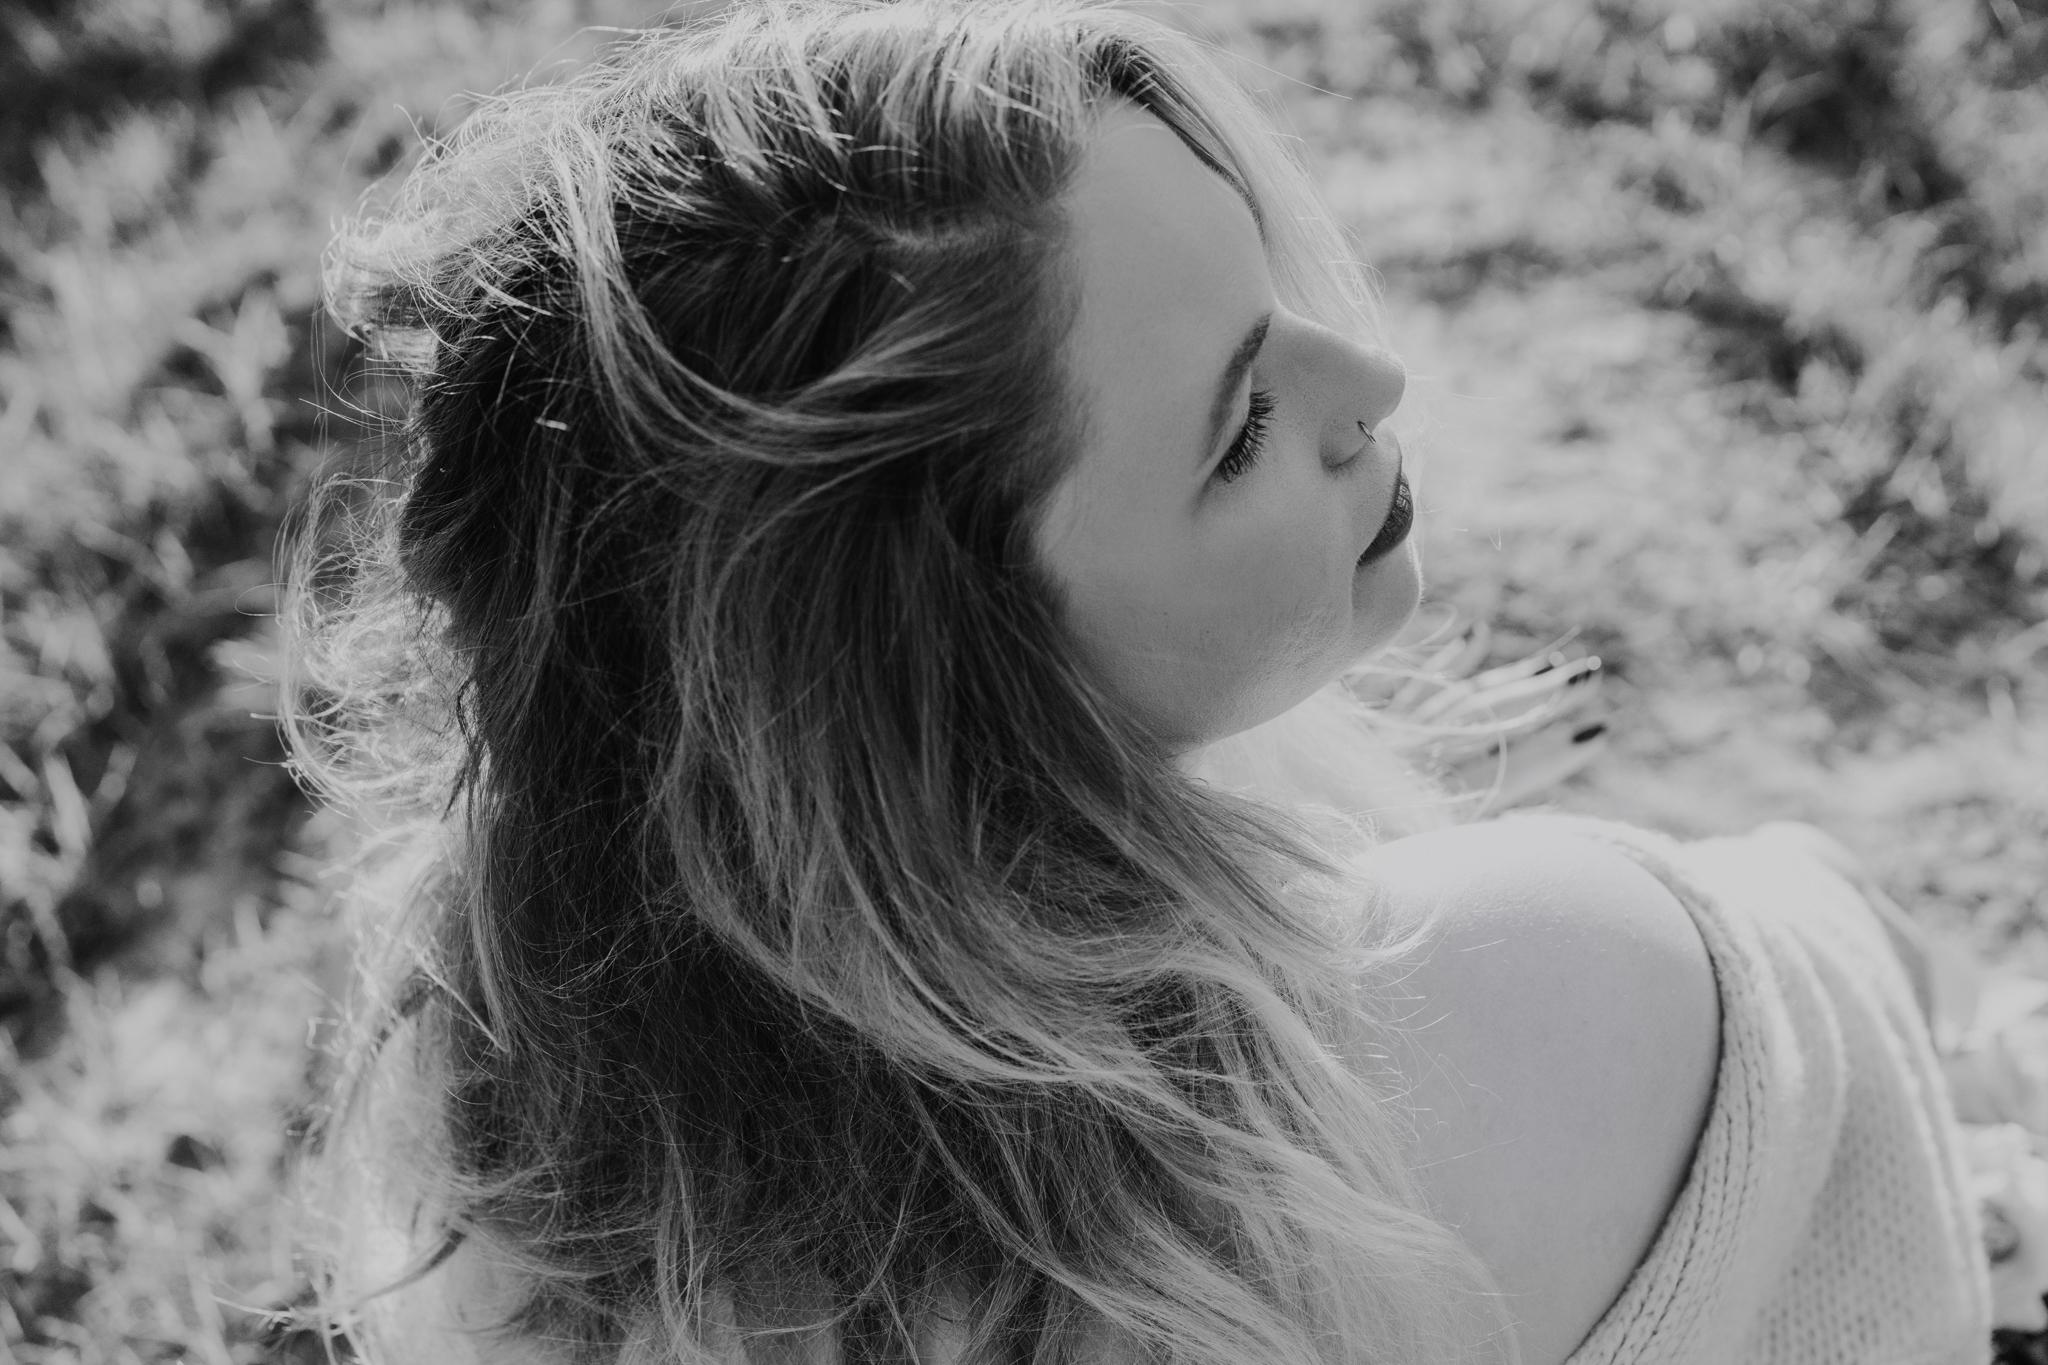 Portrait-Bild einer schönen Frau mit offenen Haaren und Blick zur Seite geneigt